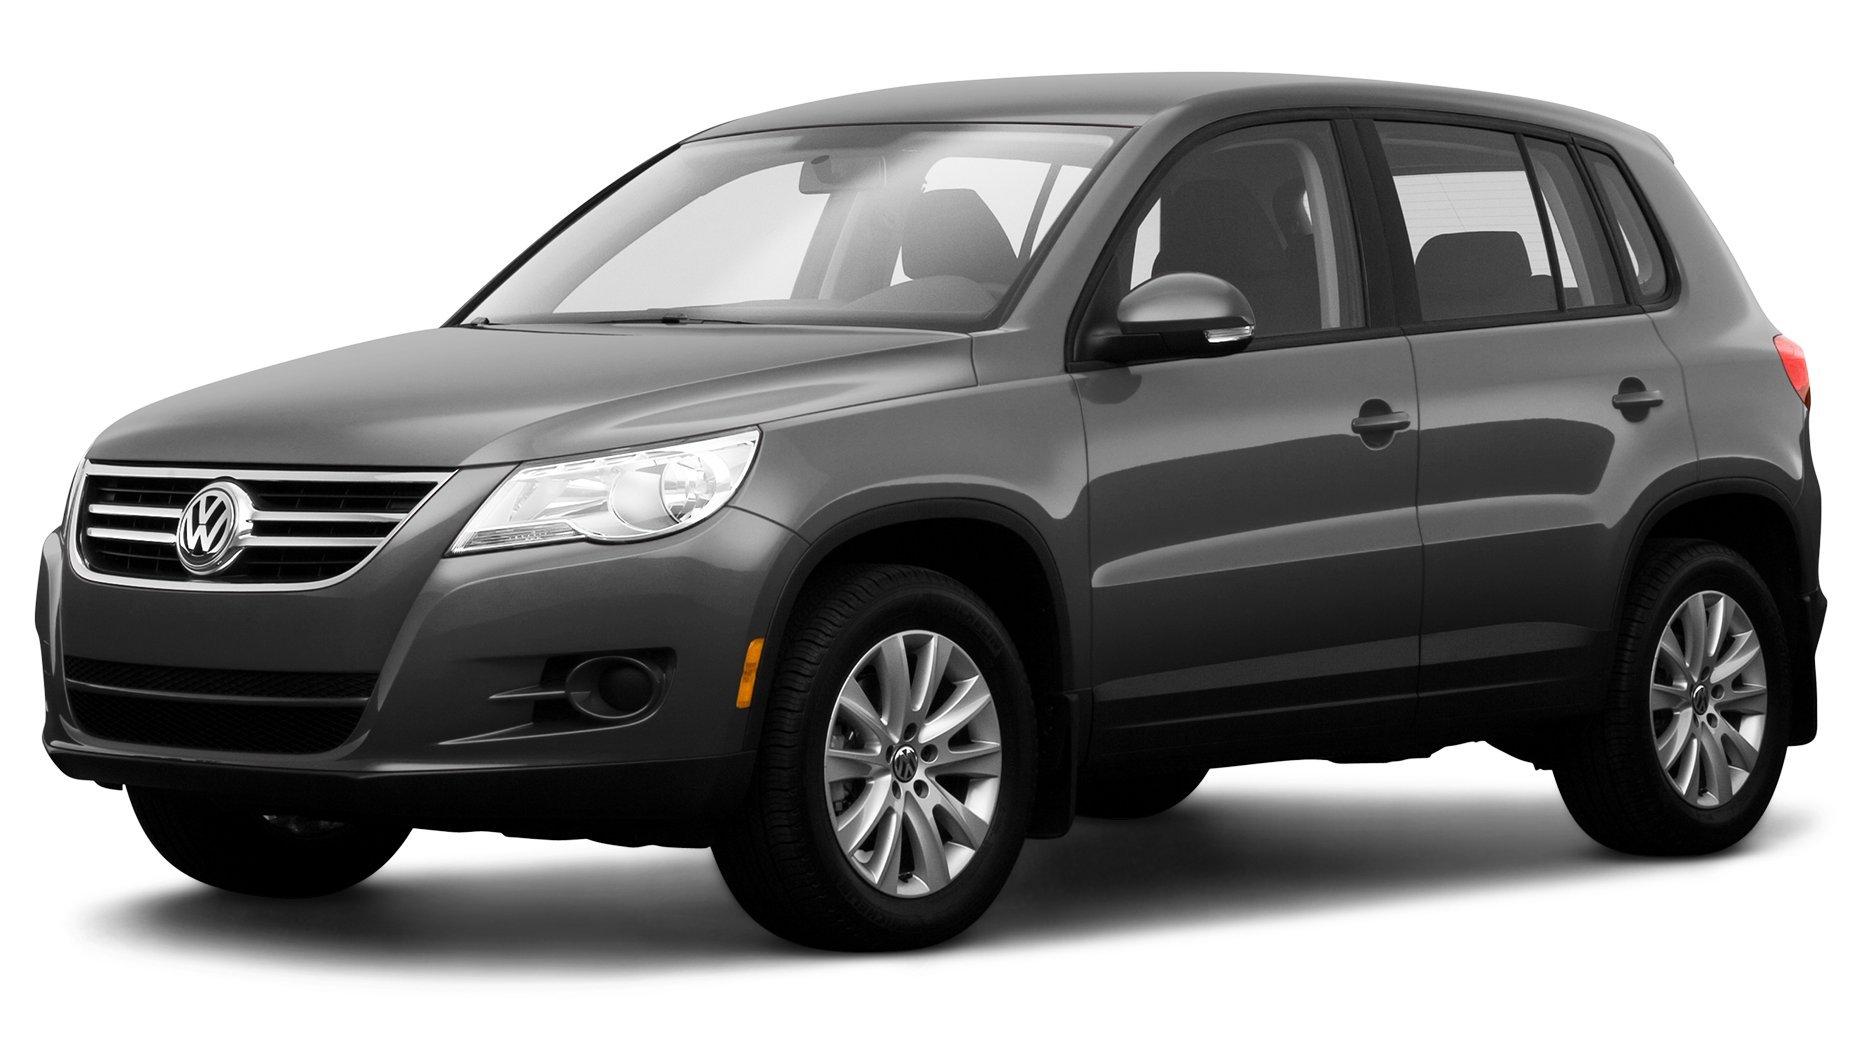 2009 Volkswagen Tiguan S, Front Wheel Drive 4-Door Automatic Transmission  ...